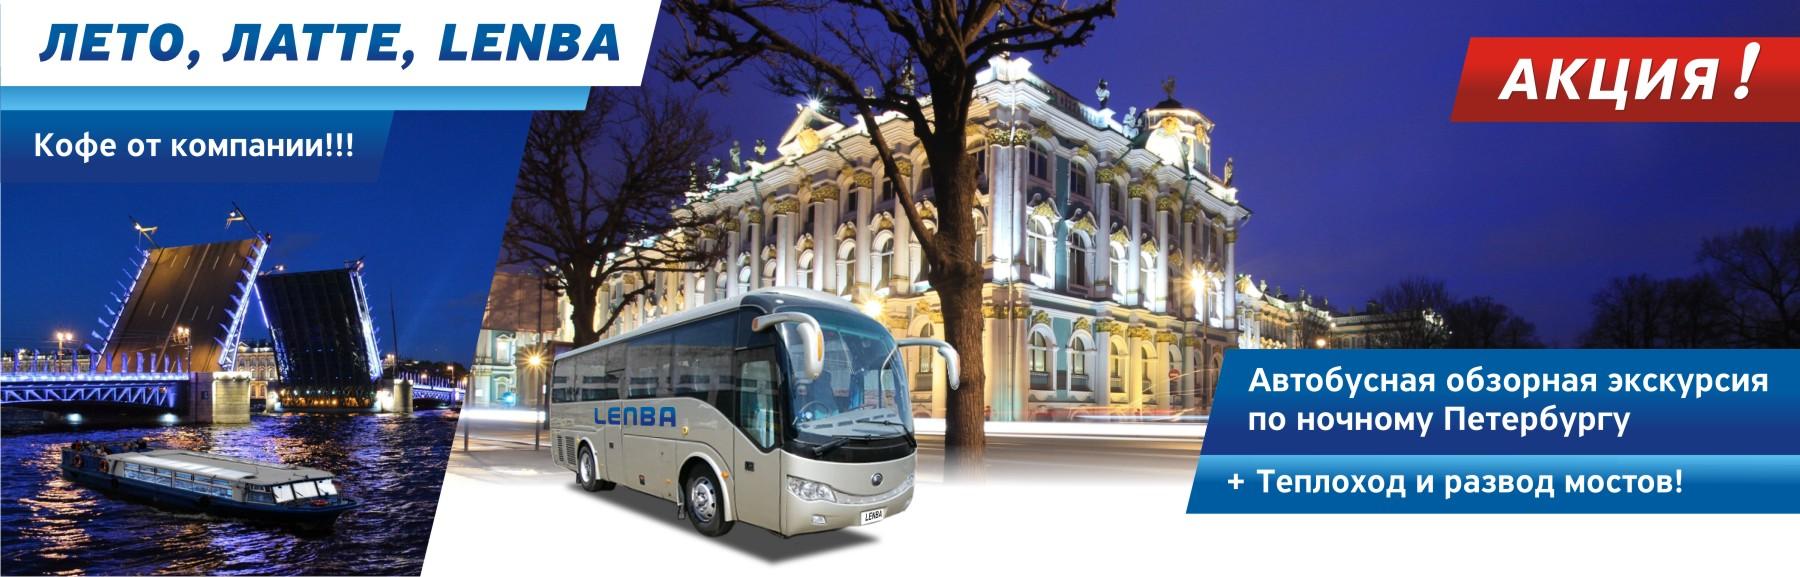 Ночная автобусная экскурсия по Санкт-Петербургу + теплоход